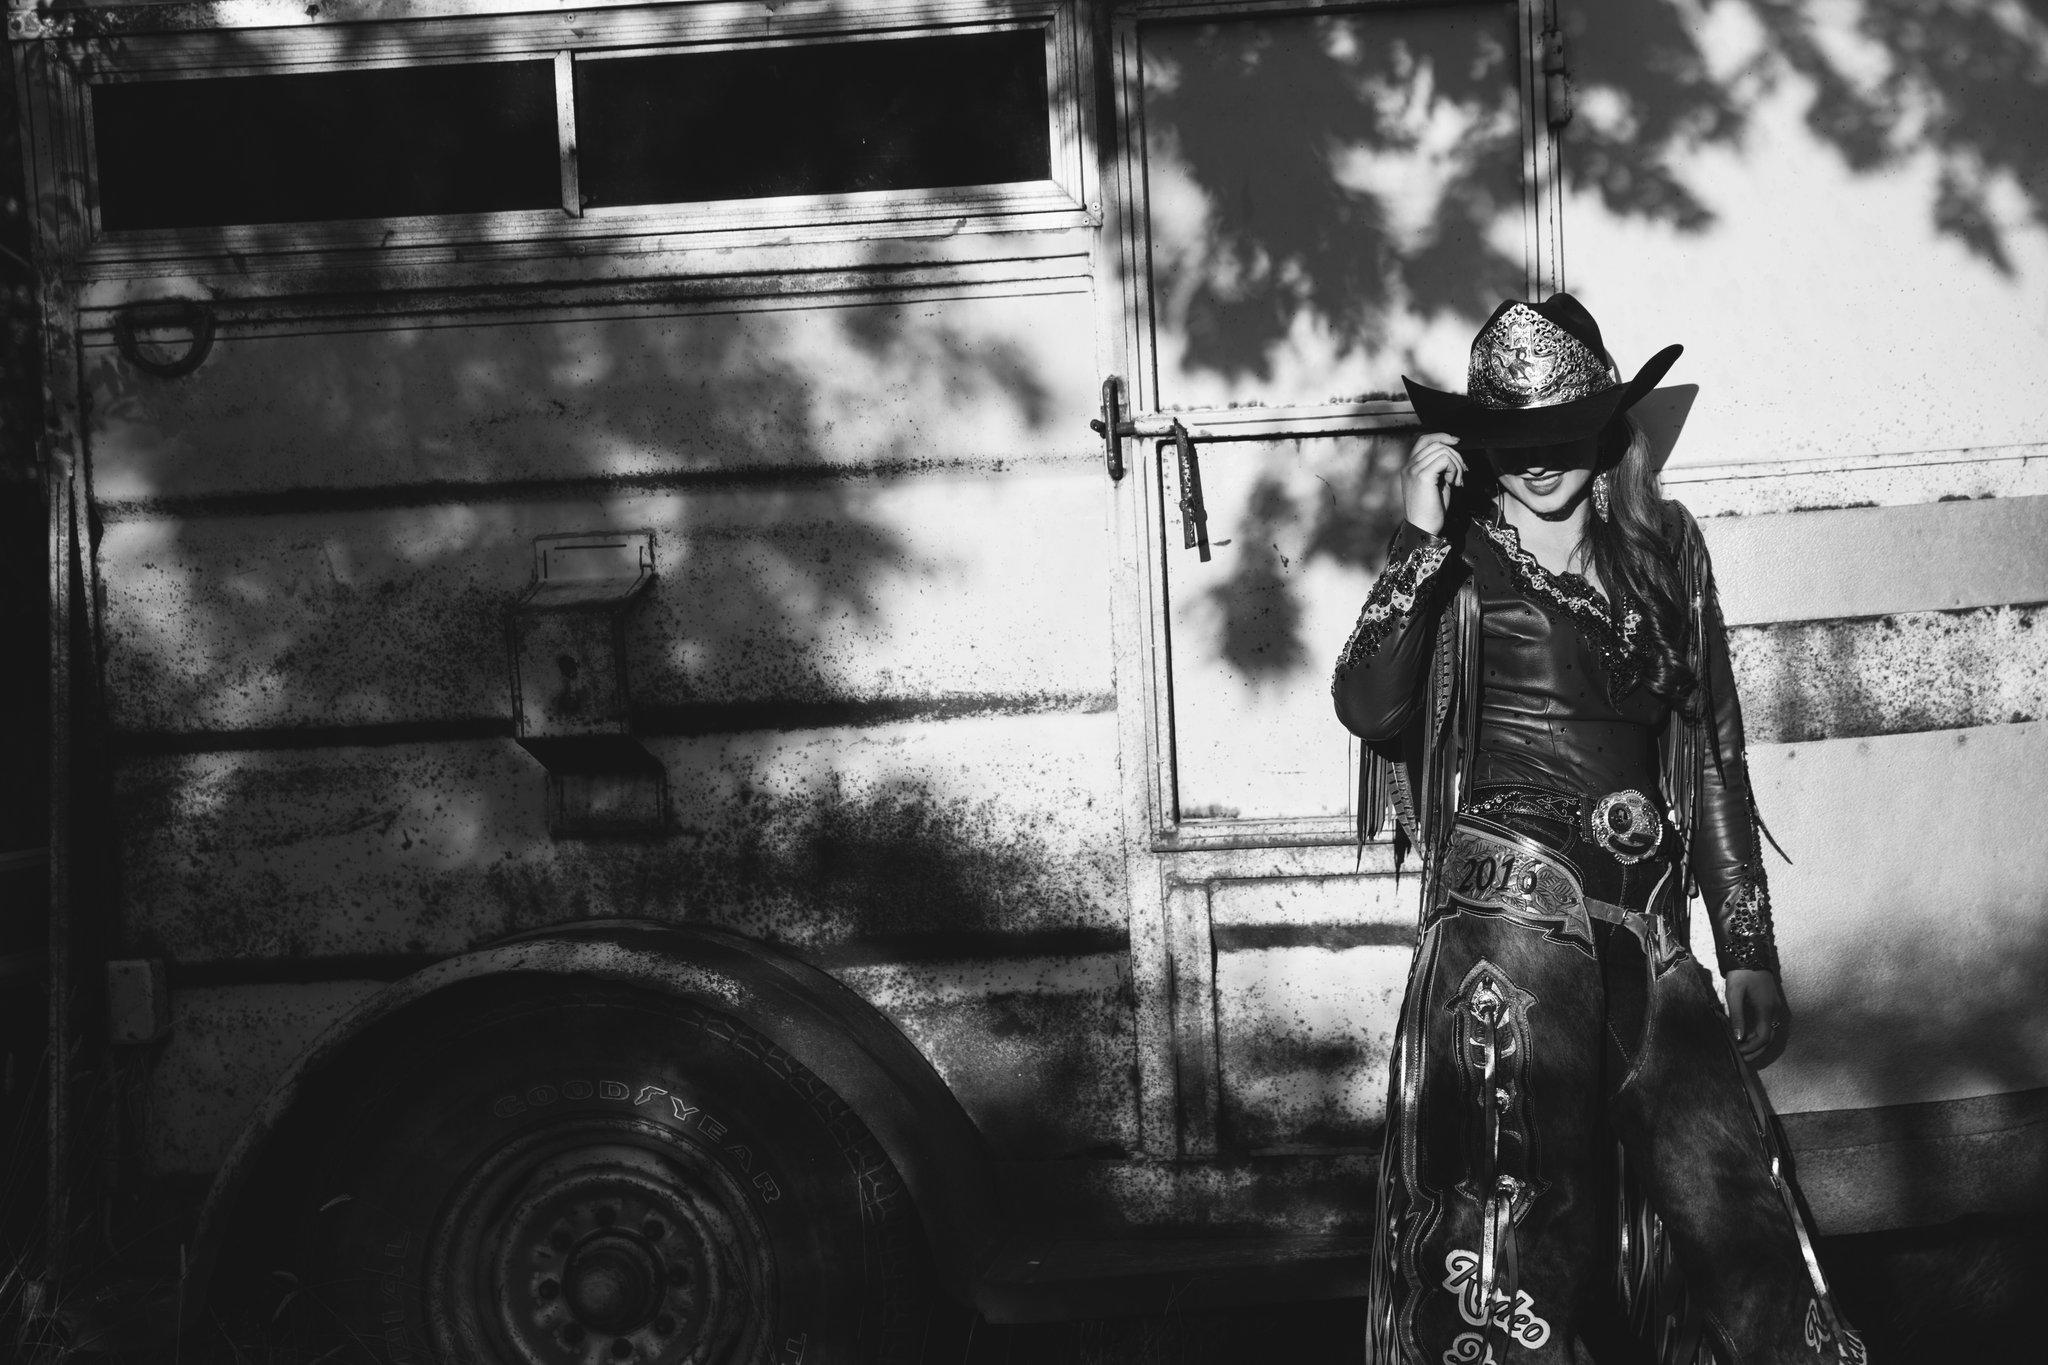 Chasing Autumn Photography, Medicine Hat Photography, Alberta Photographer, Medicine Hat Stampede, Stampede Queen, Brittney Chomistek, Portrait Photography, 2016 Stampede Queen